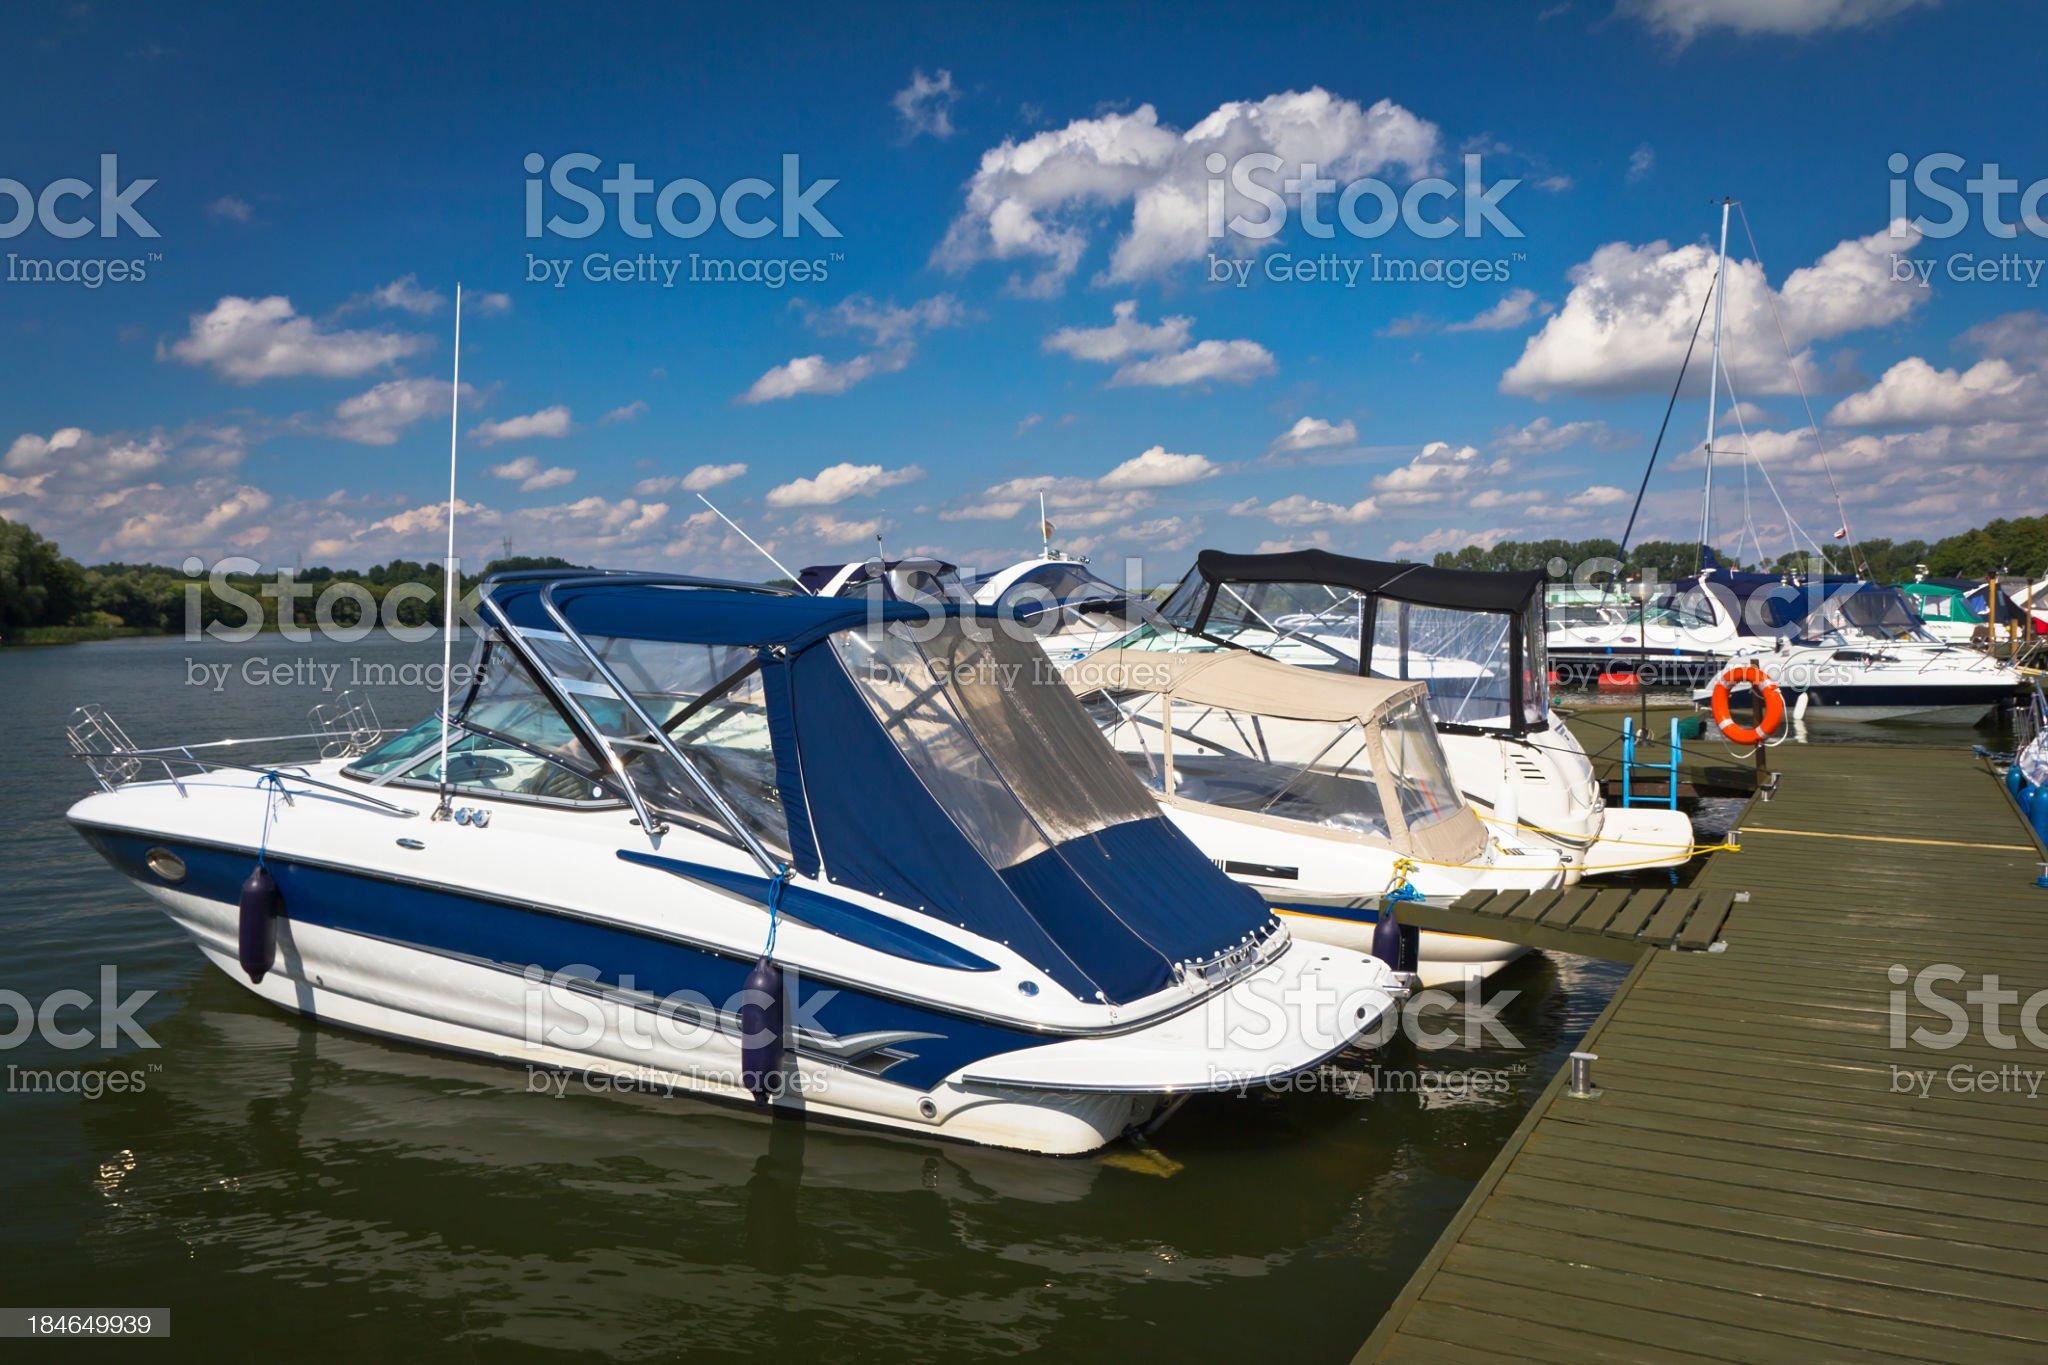 Motorboats in Marina, Mikolajki, Poland royalty-free stock photo